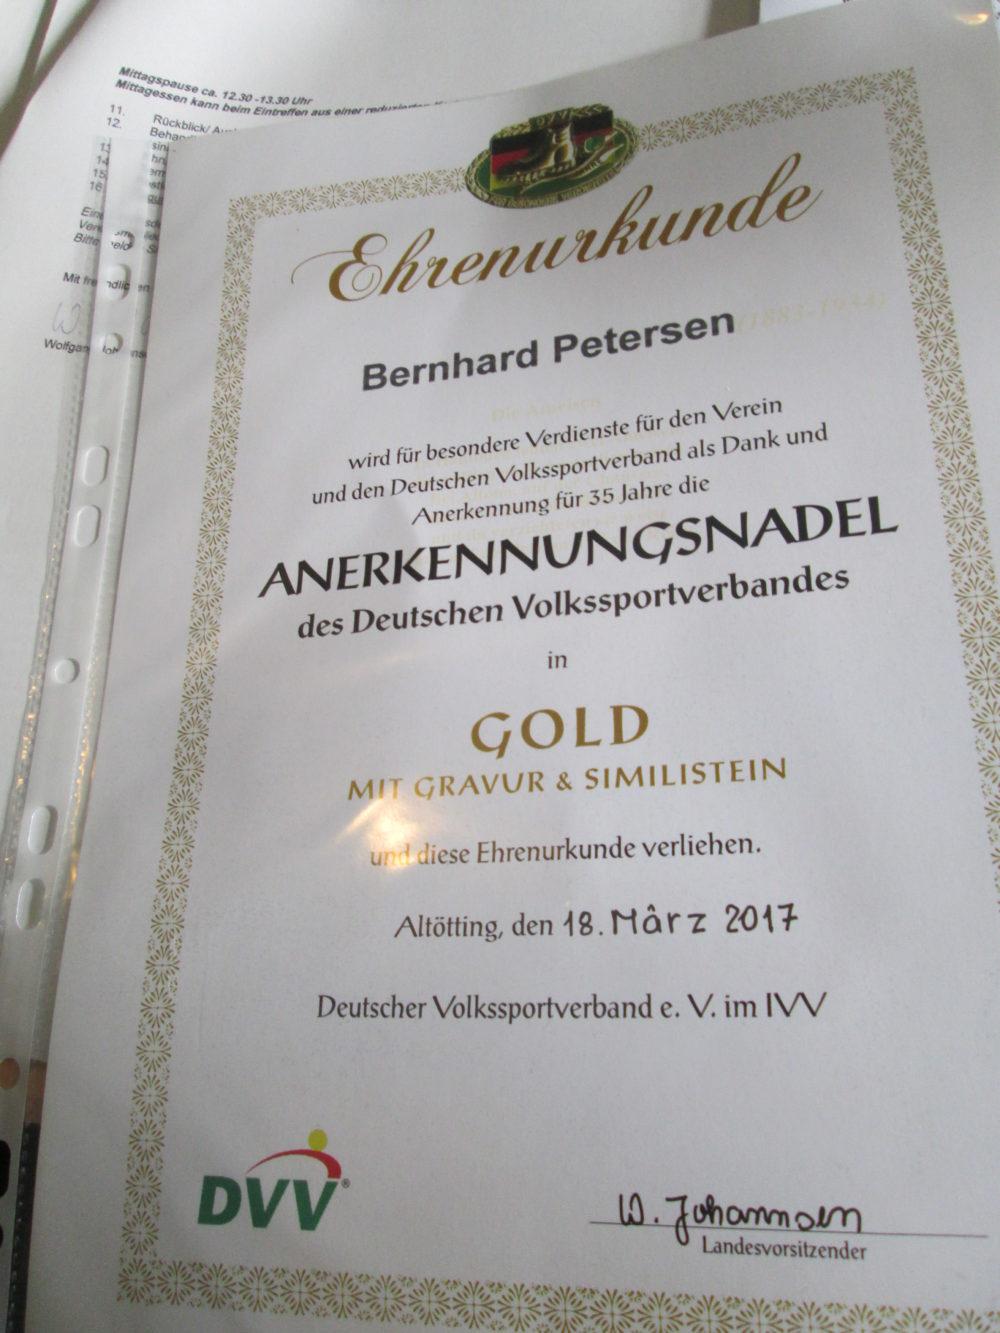 Ehrenurkunde für 35 Jahre ehrenamtliche Tätigkeit im Wanderverein